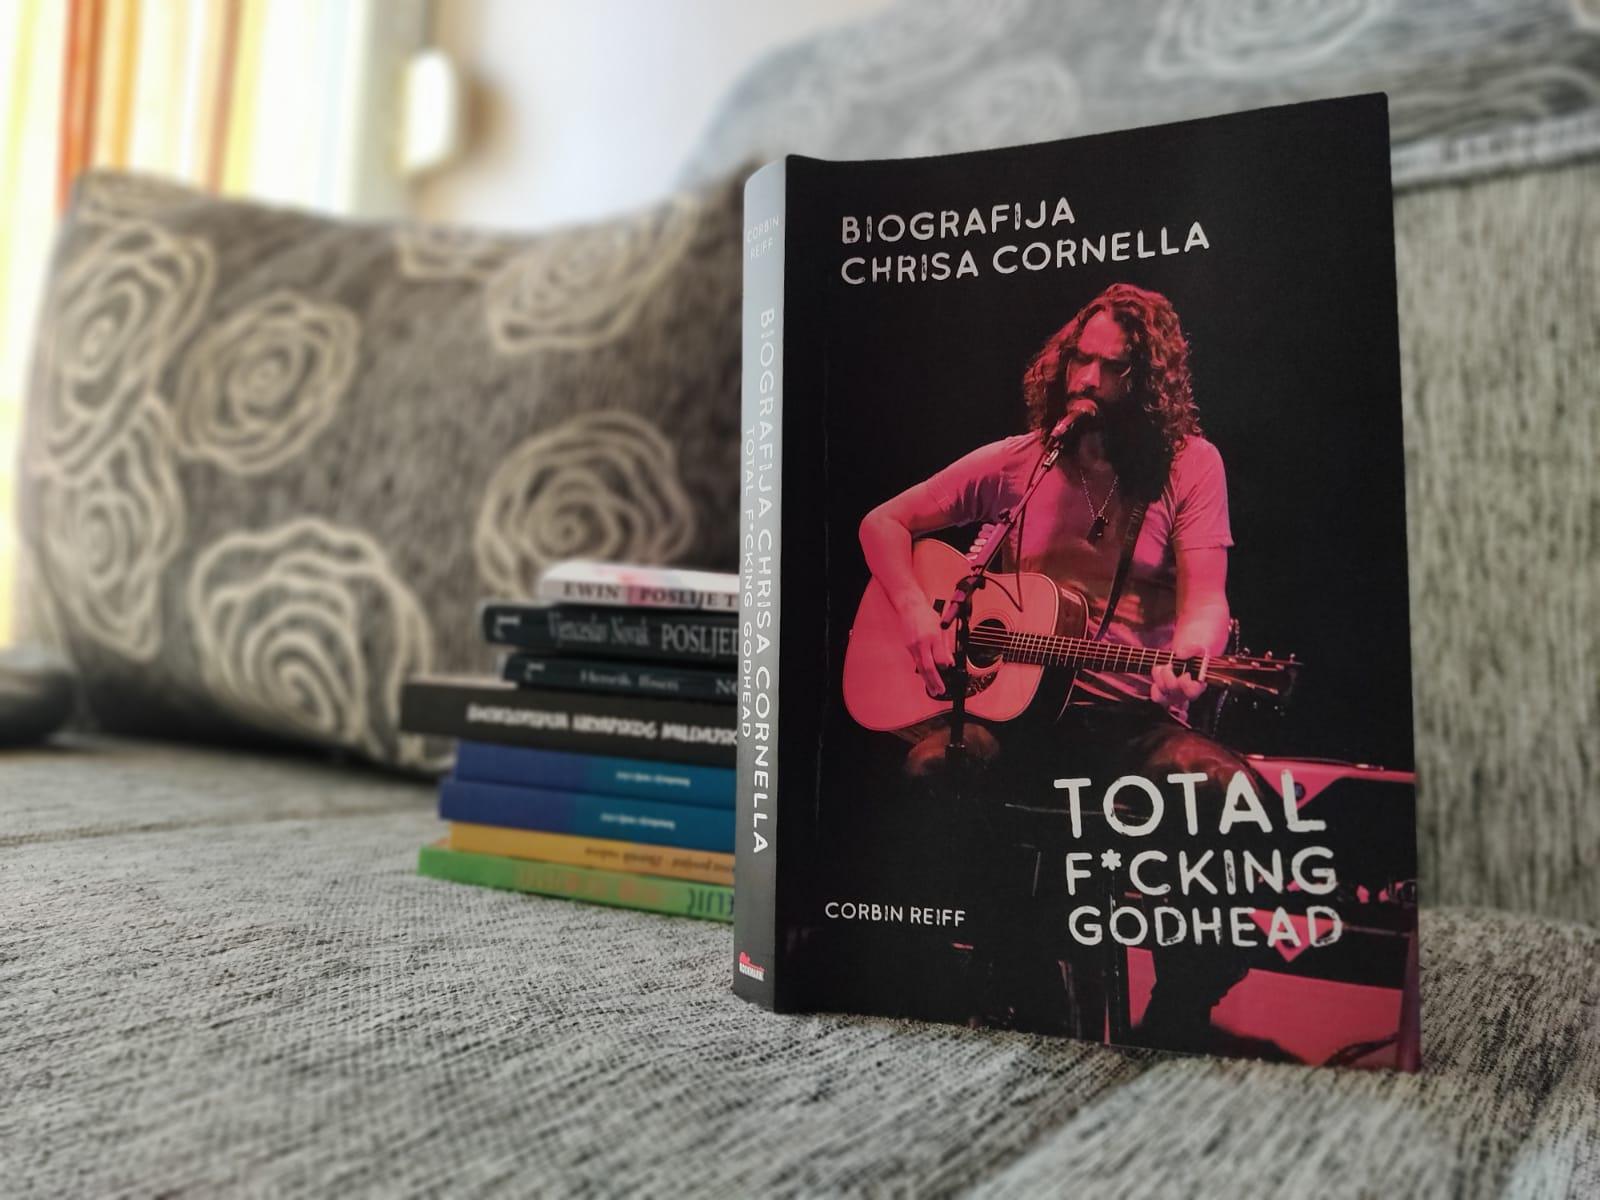 Hrvatski prijevod biografije Chrisa Cornella u izdanju Rockmarka